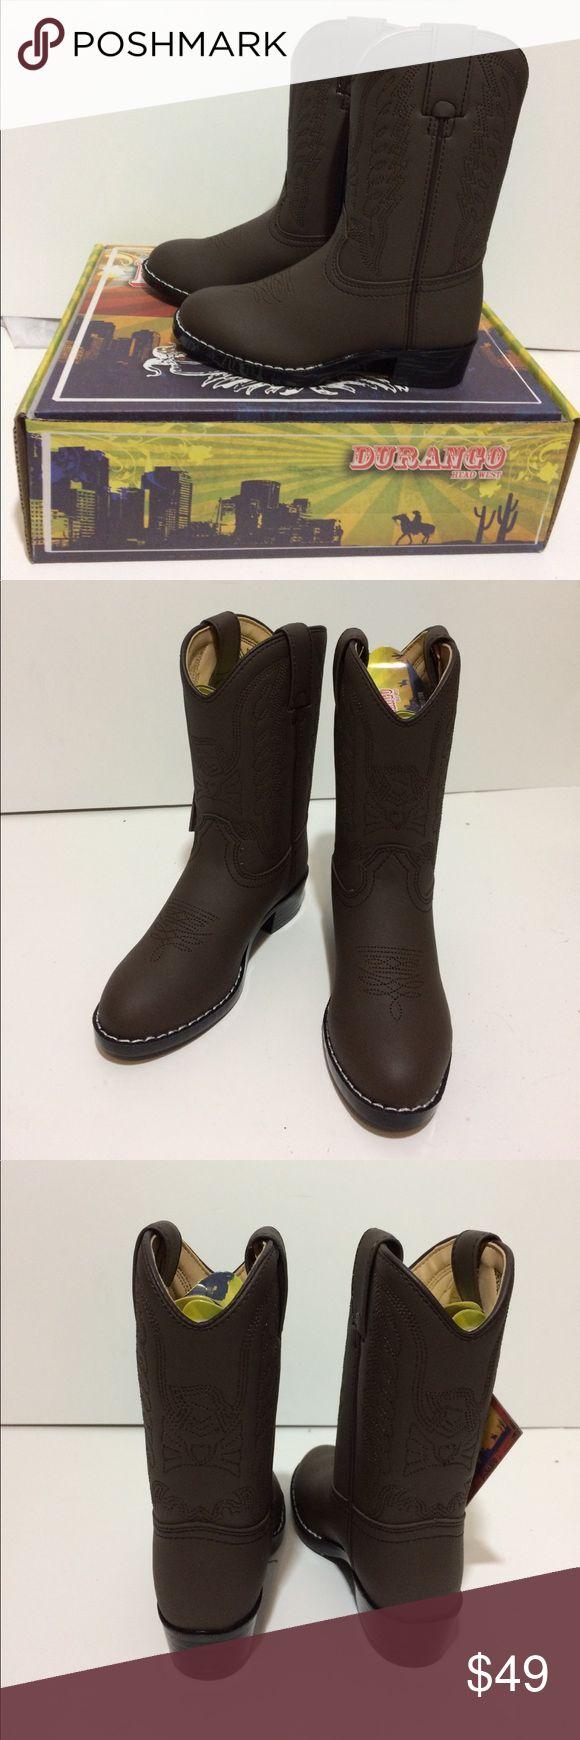 Durango Head West Toddler Boys Cowboy 🤠 Boots 11D Durango Head West Toddler Boys Cowboy 🤠 Boots 11D Durango Shoes Boots